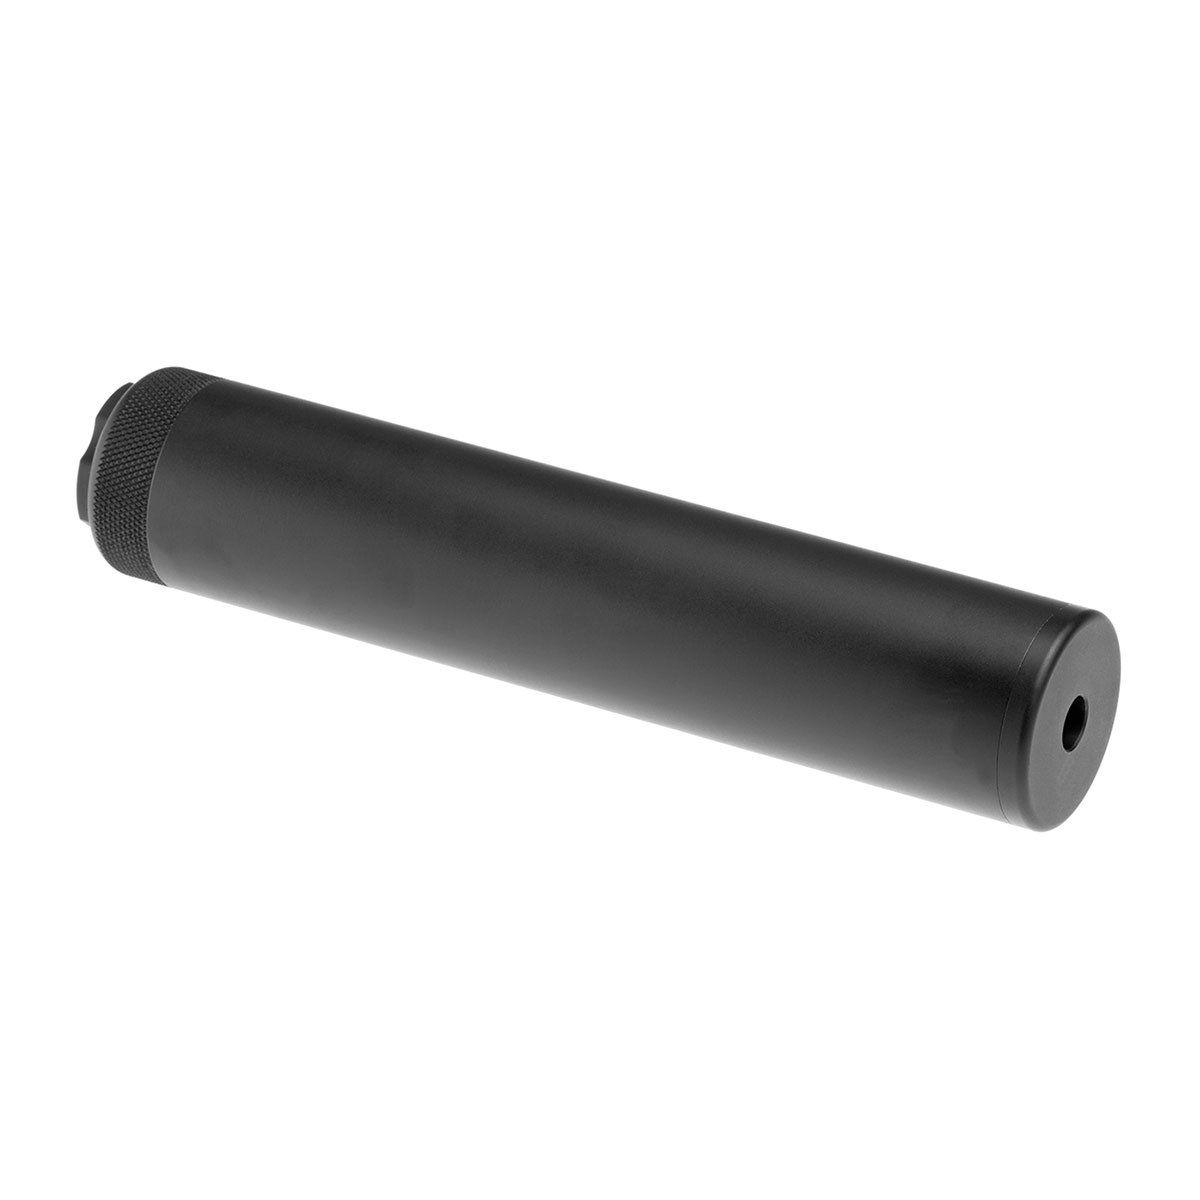 Silenciador para Airsoft - FMA Specwar -1 F35X185.4MM - 14MM